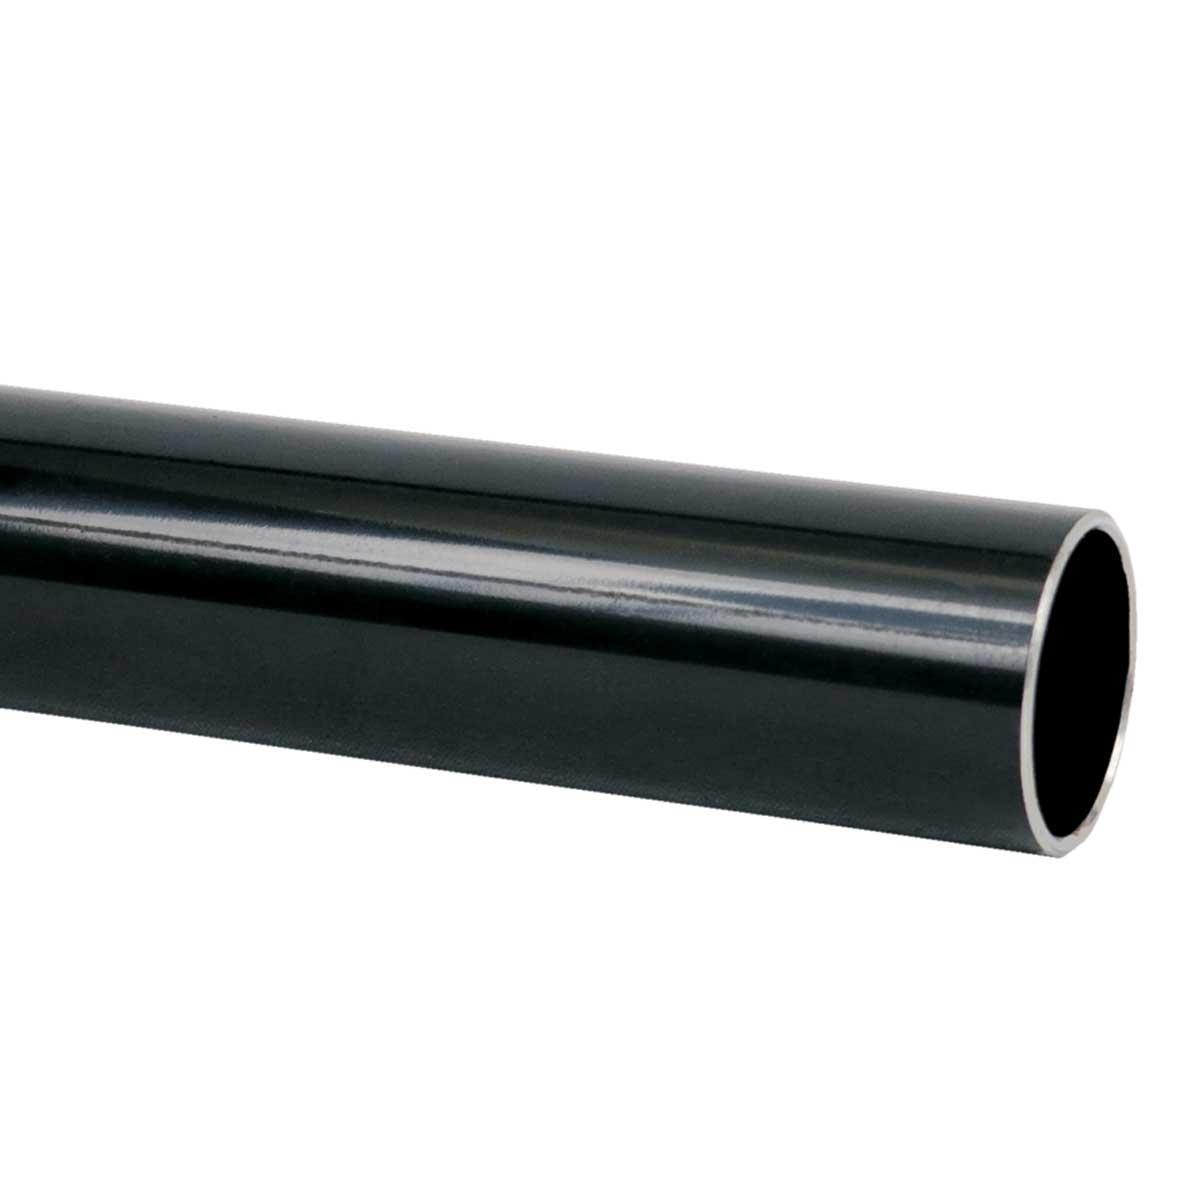 Труба металева (внутрішній d- 14 мм); безрізьбова;; сталь лакована шар цинку 60-100мкм стійкість корозії- 2 кат.; упаковка 30 шт